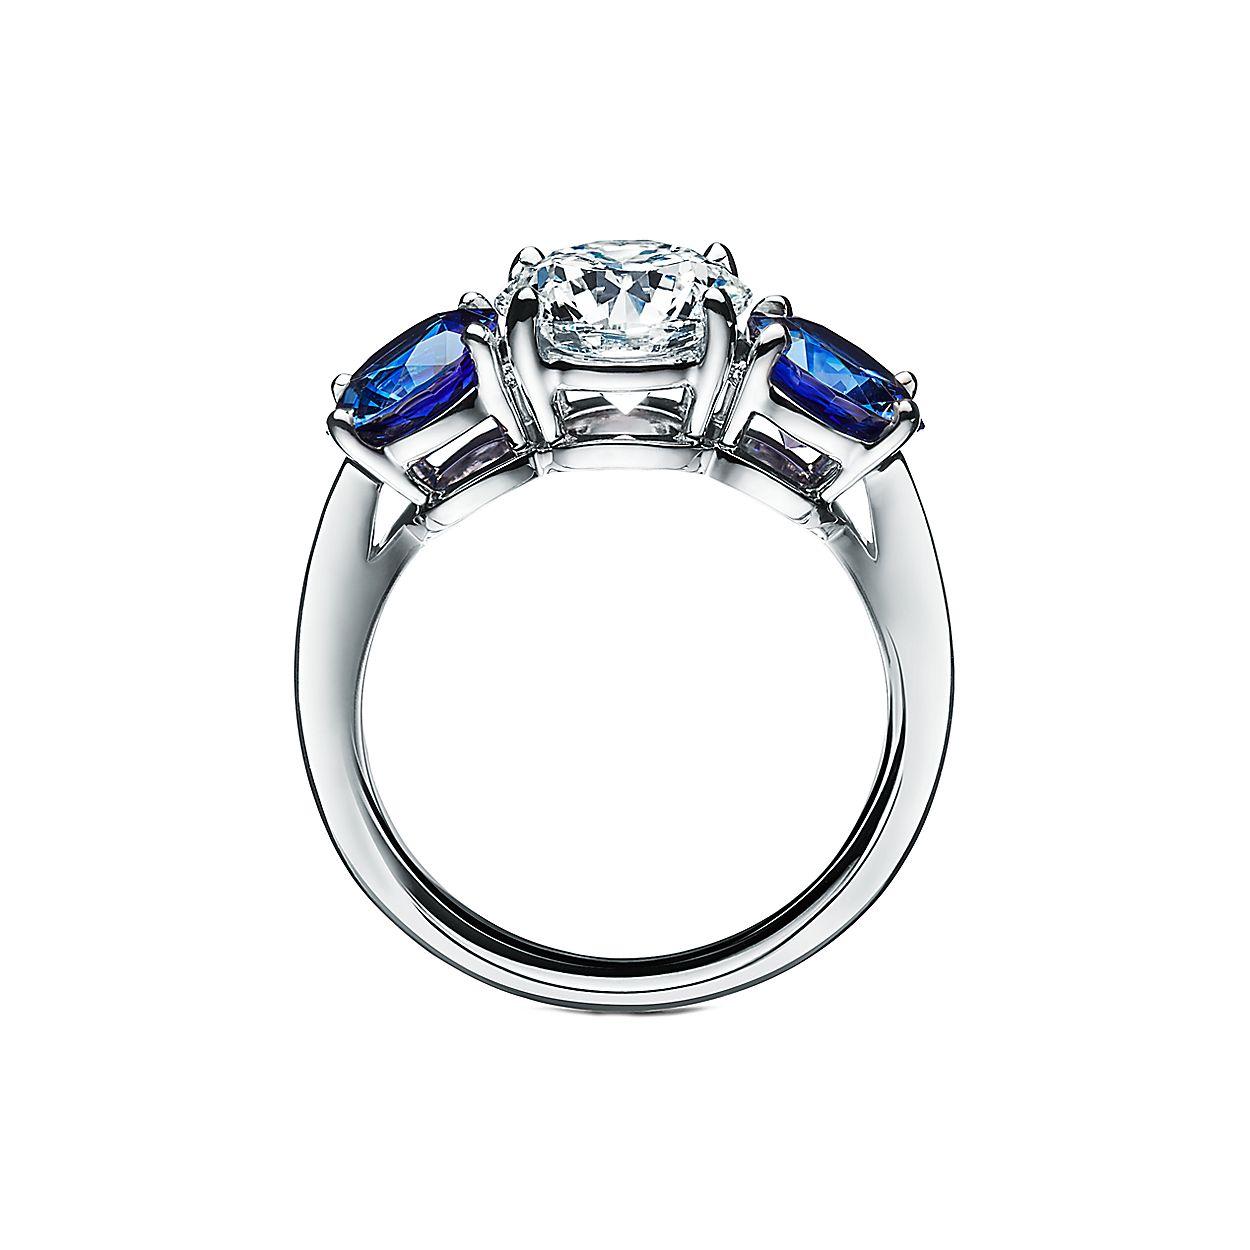 1da8eee589fd8 Anel de noivado Tiffany Three Stone em platina com safiras laterais